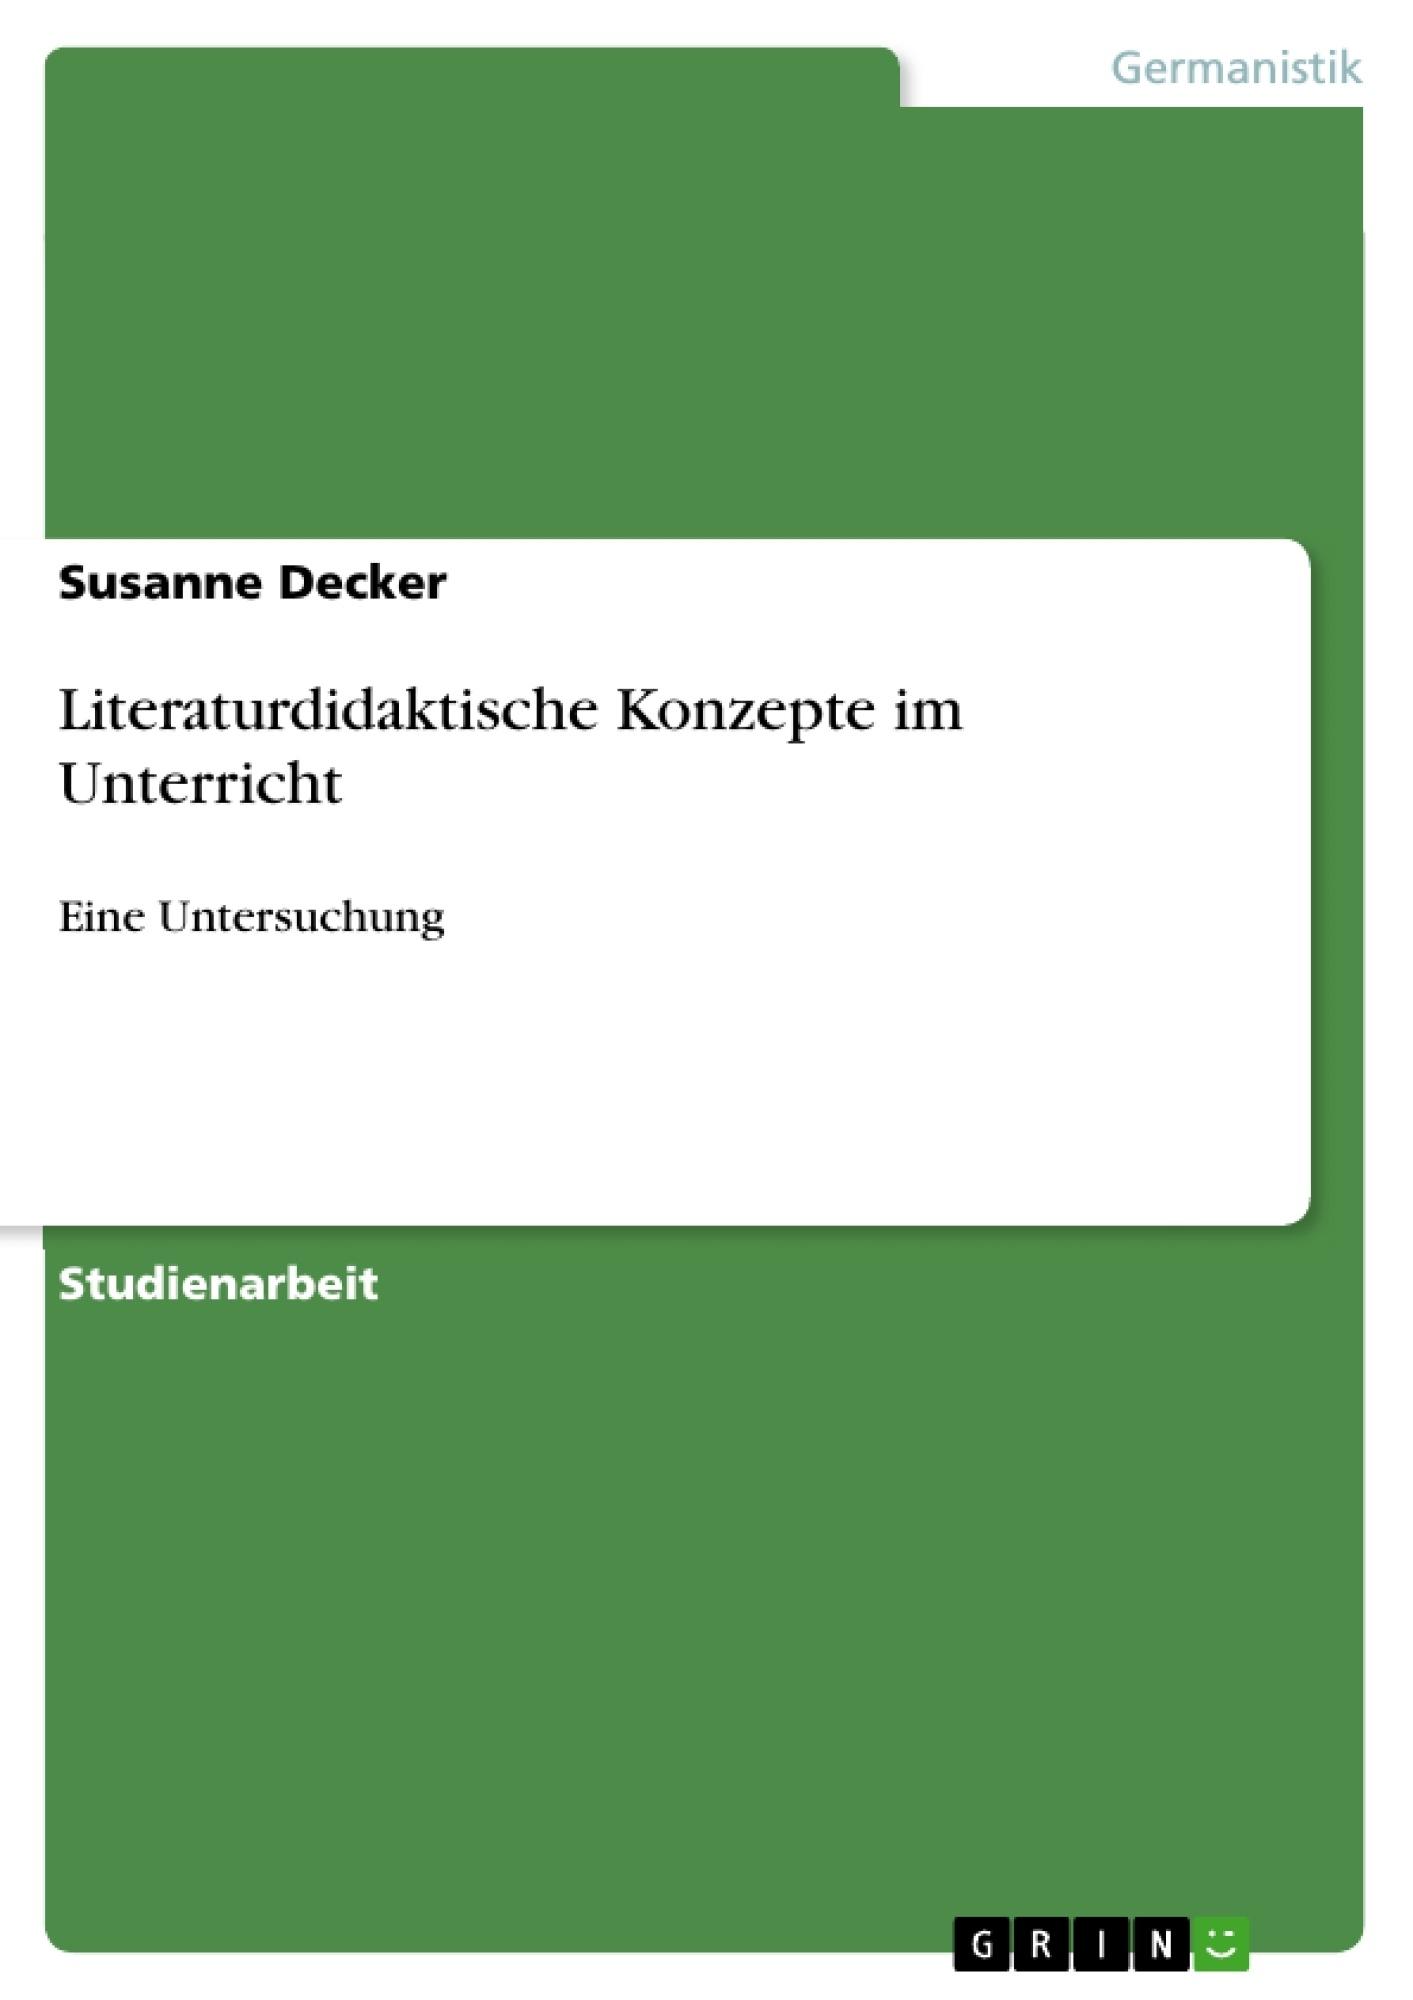 Titel: Literaturdidaktische Konzepte im Unterricht